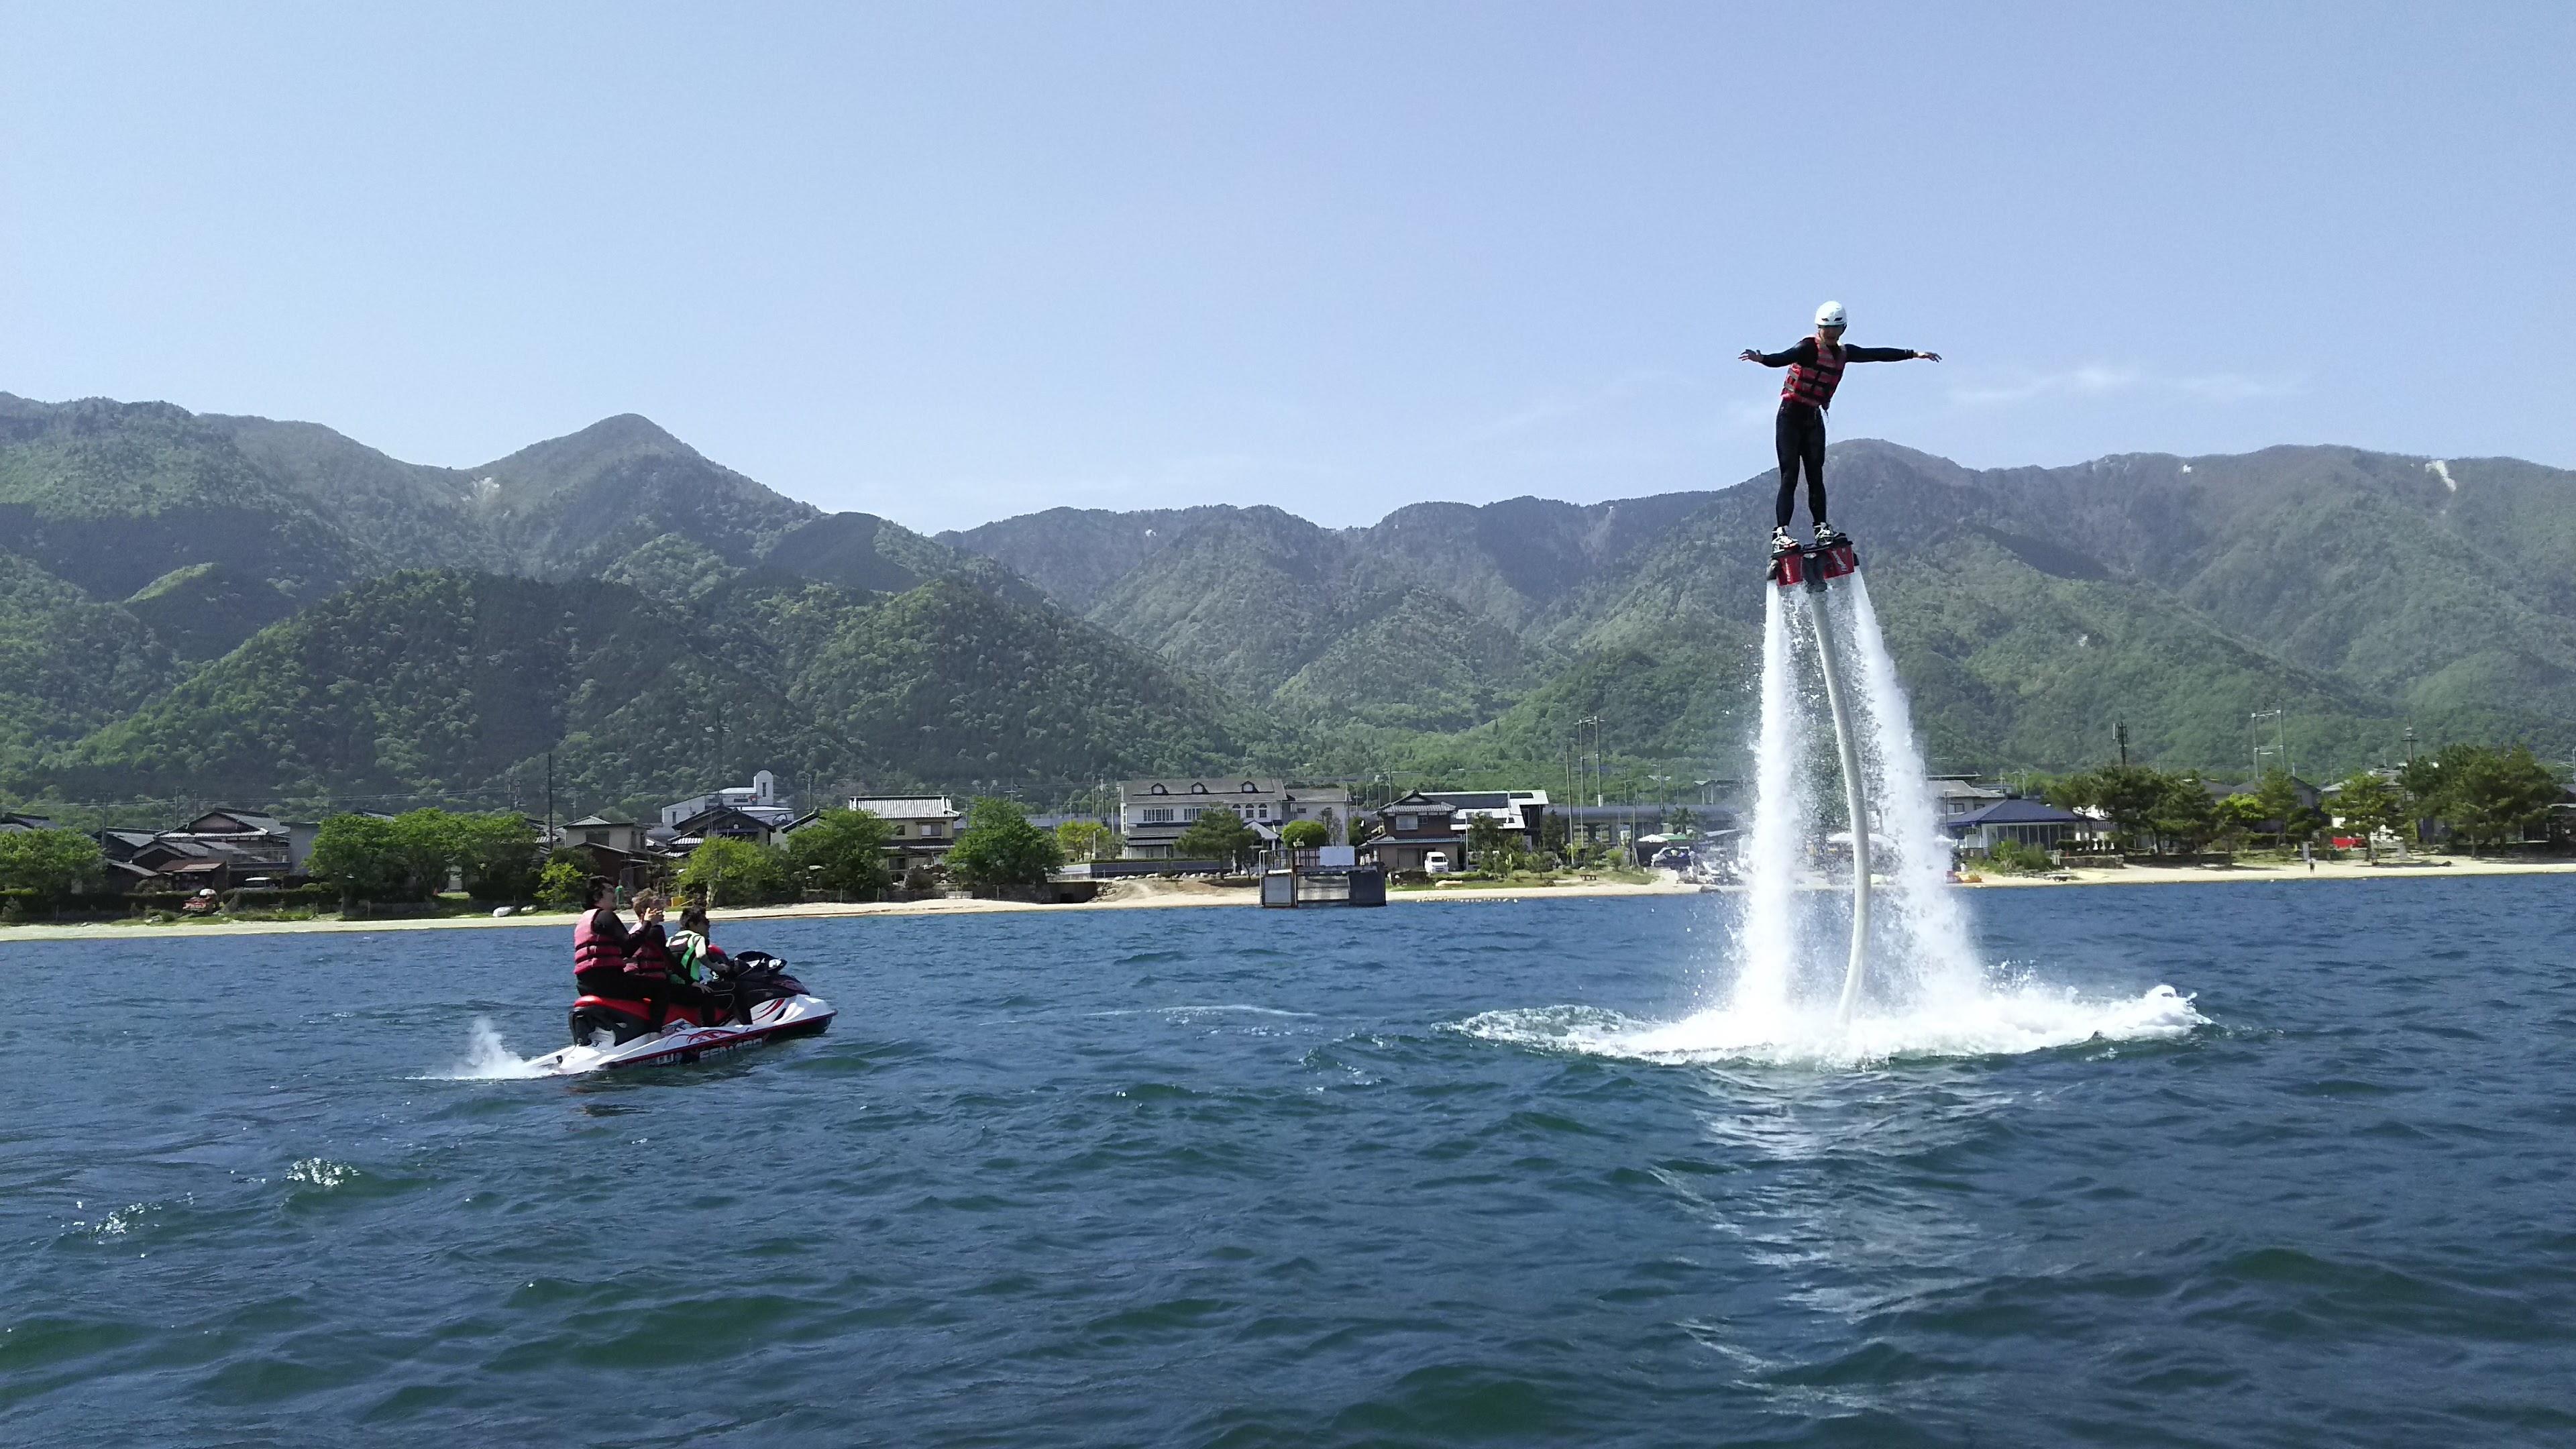 フライボード体験(白ひげ浜水泳・キャンプ場)